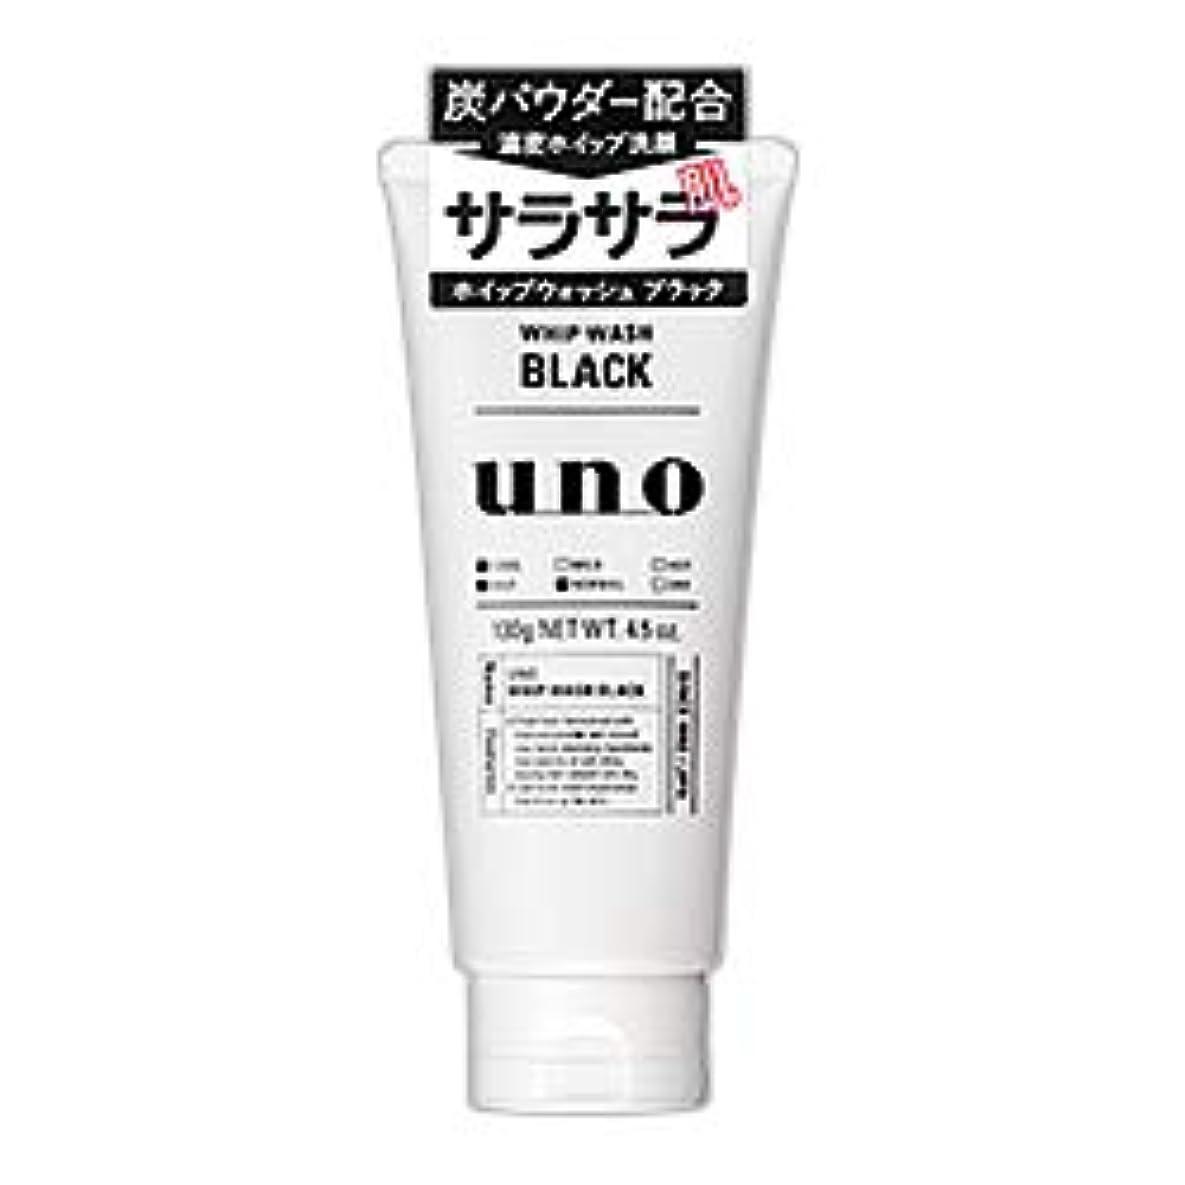 反抗ブル爵【資生堂】ウーノ(uno) ホイップウォッシュ (ブラック) 130g ×2個